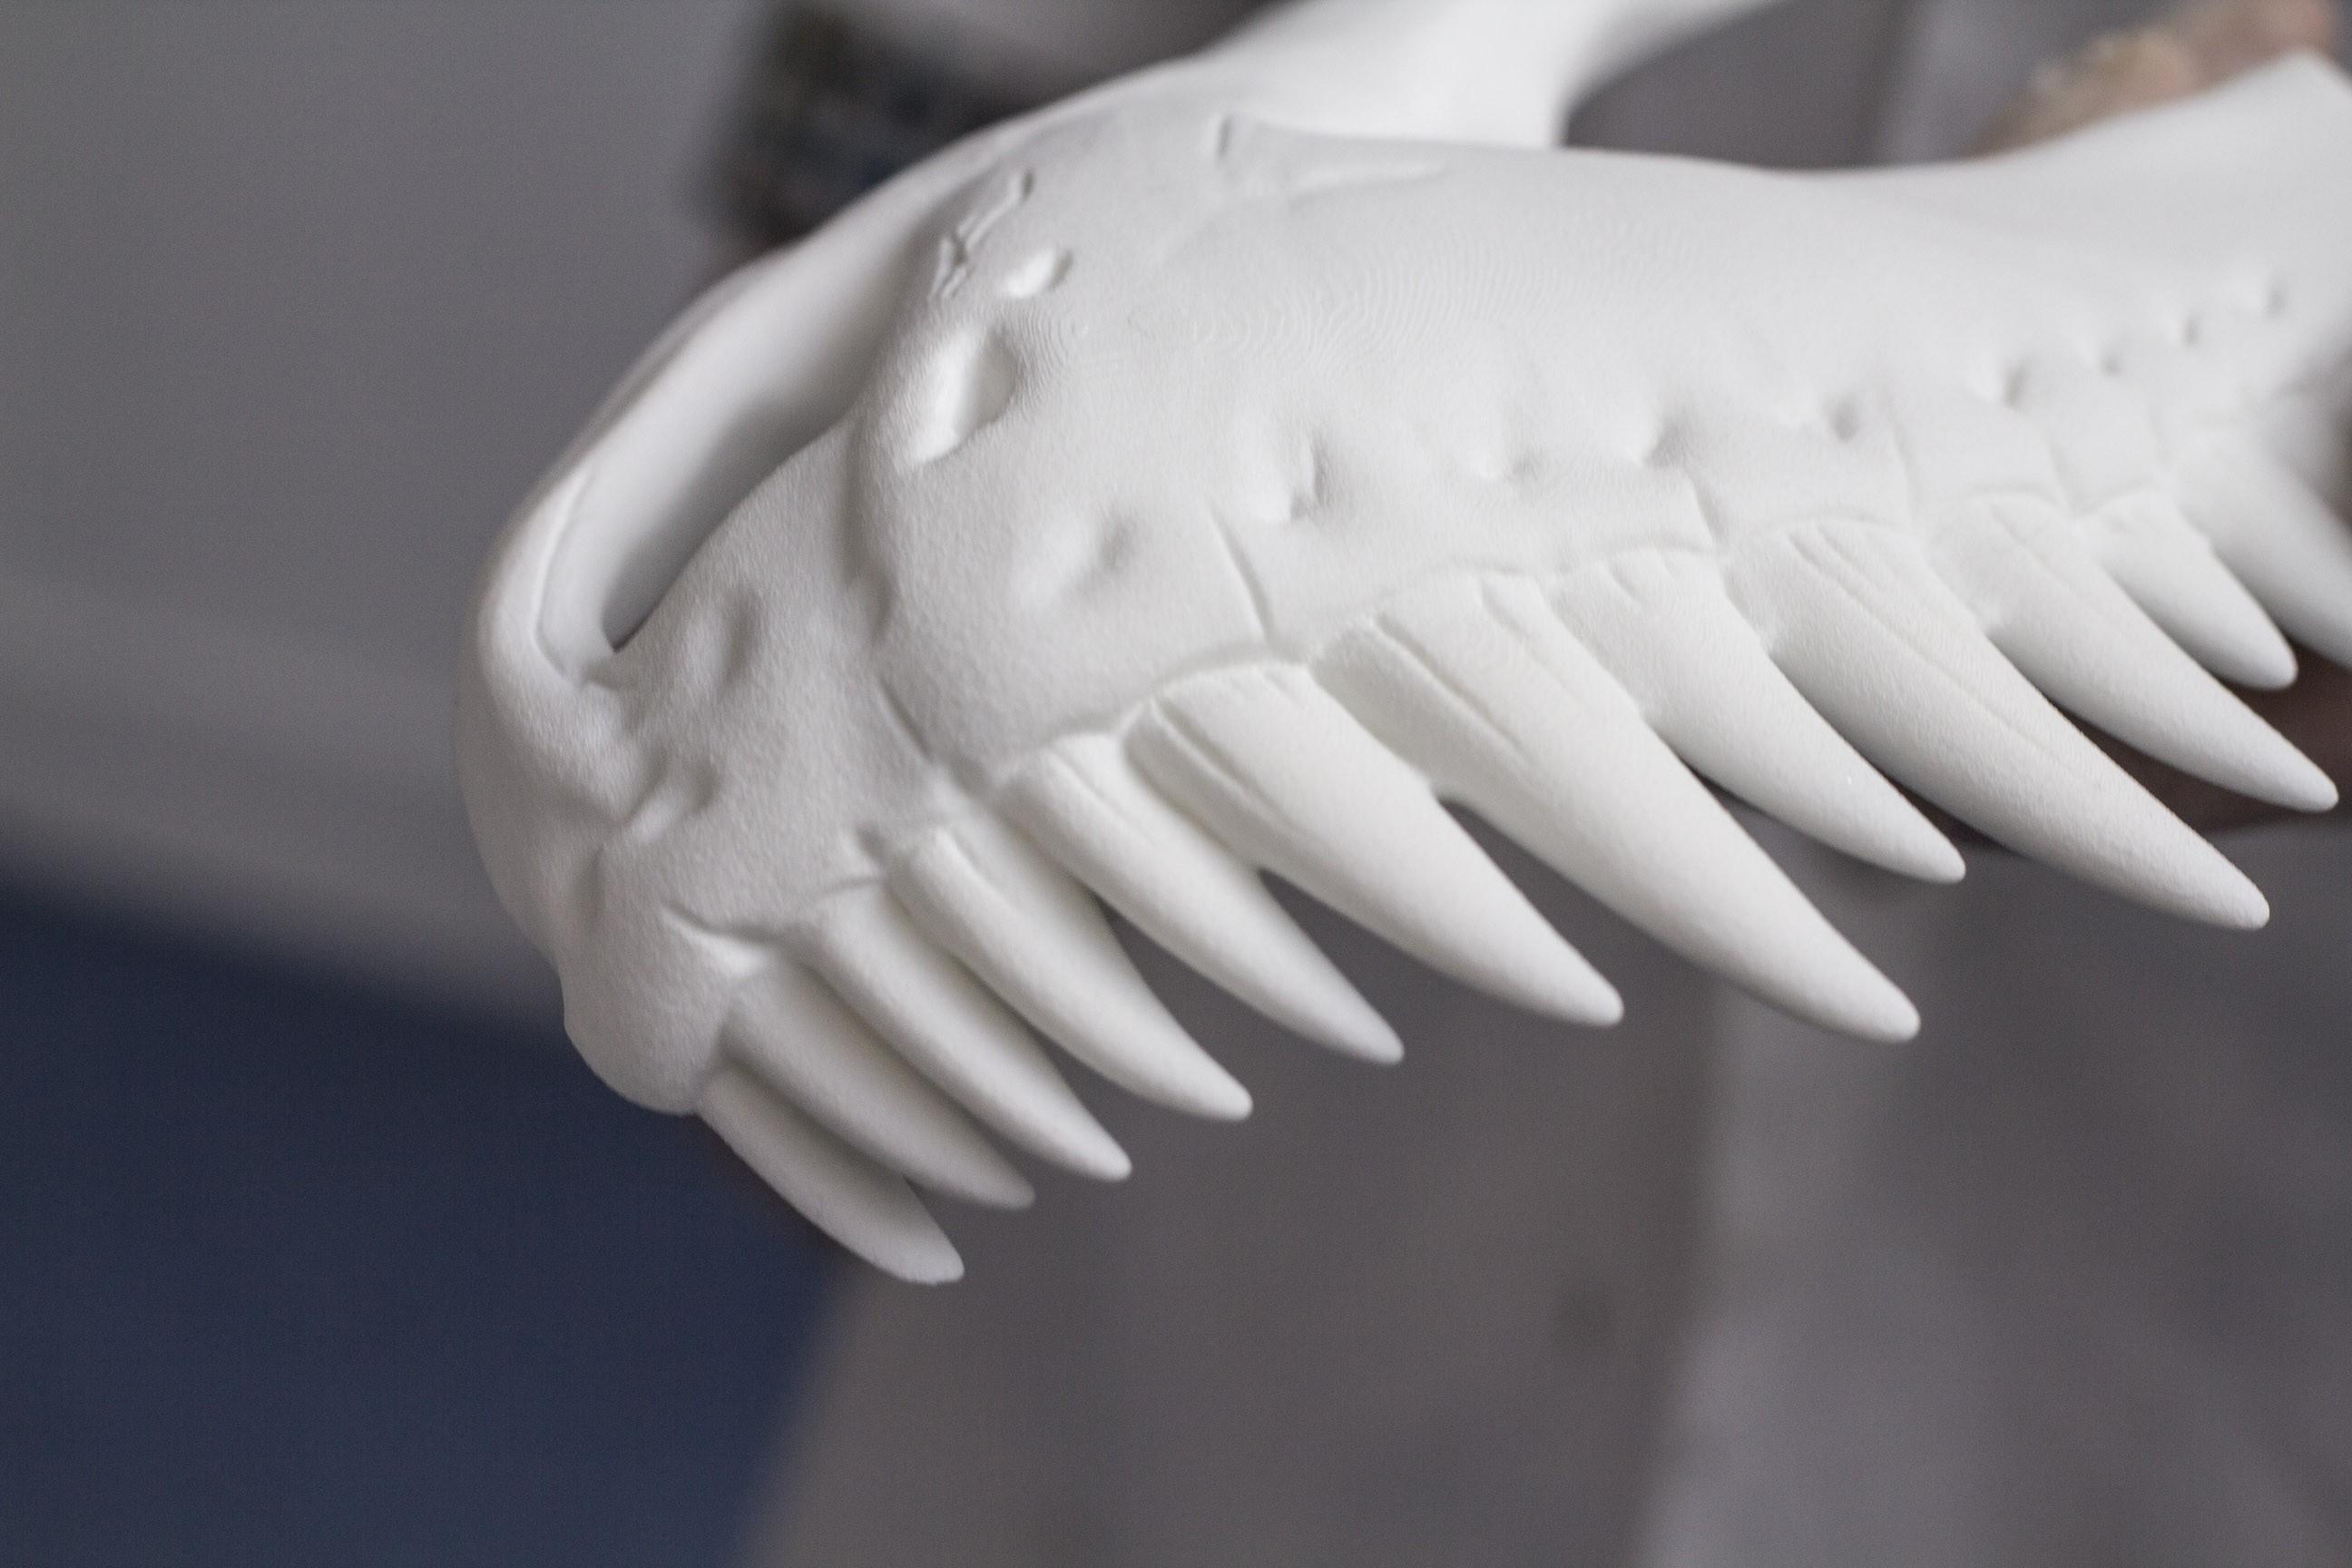 3D Print Dinosaur Skull using SLS 3D Printer